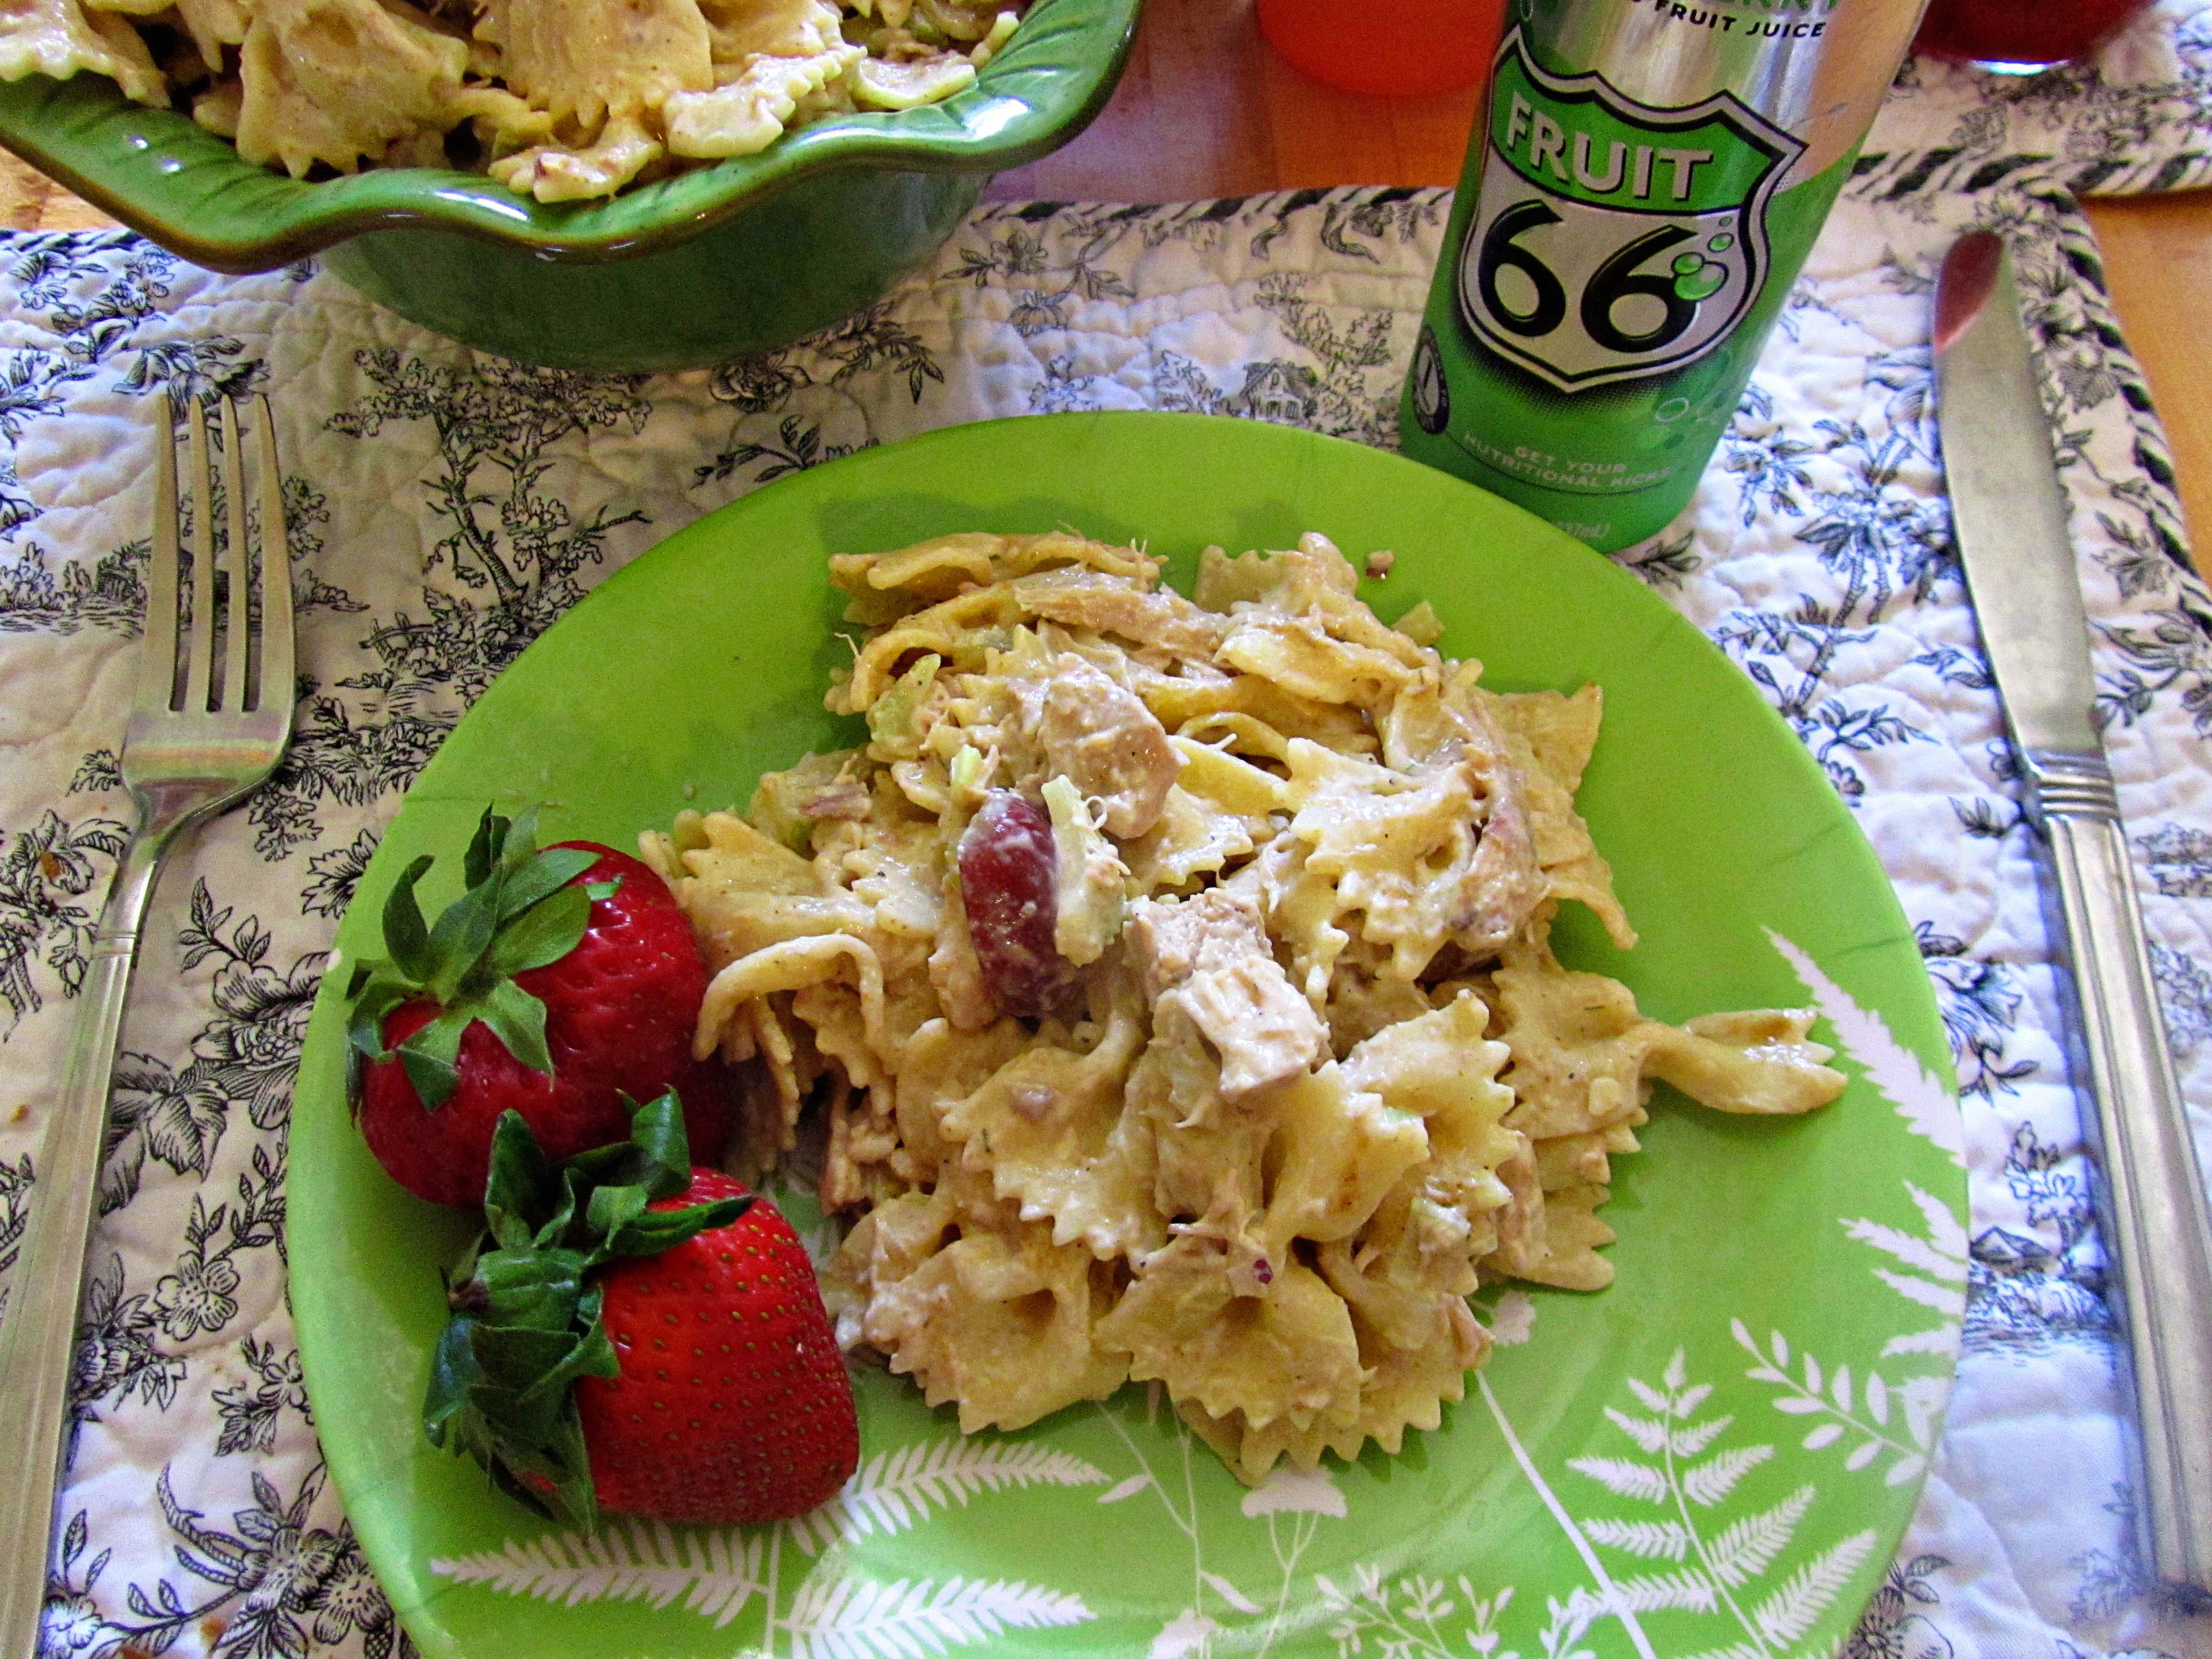 ... pasta salad curried chicken pasta salad curried chicken pasta salad